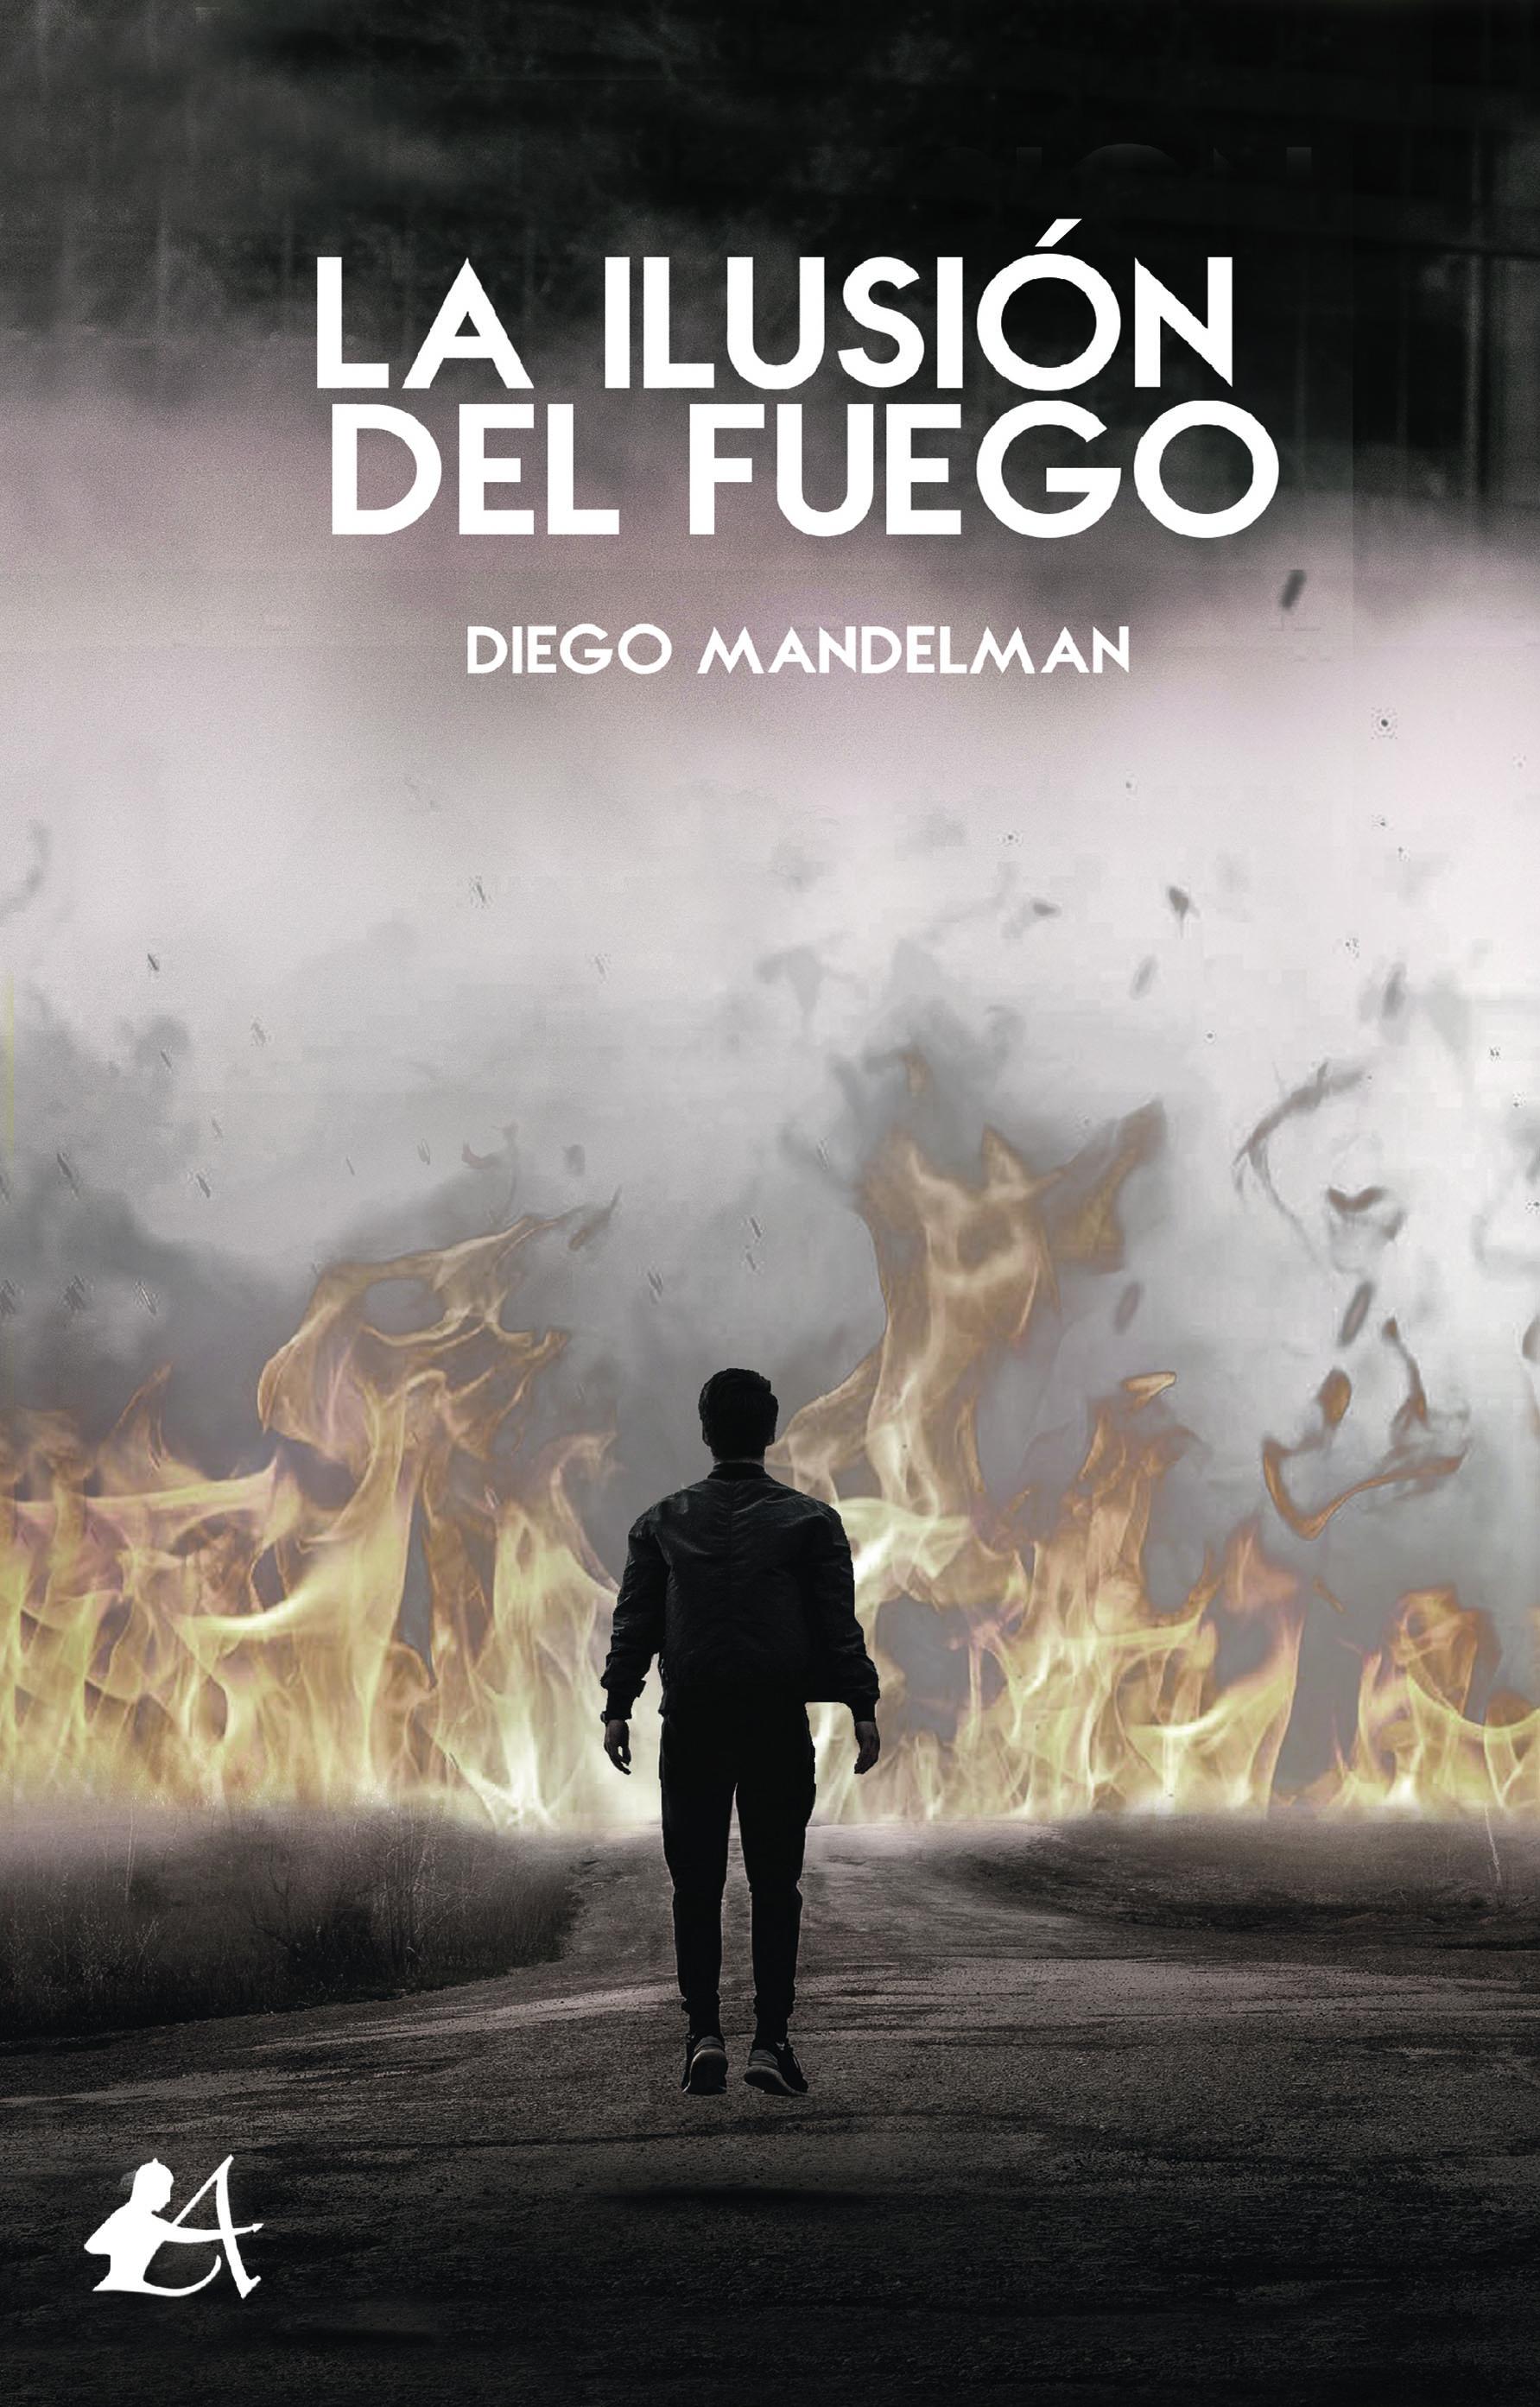 Portada del libro La ilusión del fuego de Diego Mandelman. Editoral Adarve, Escritores de hoy